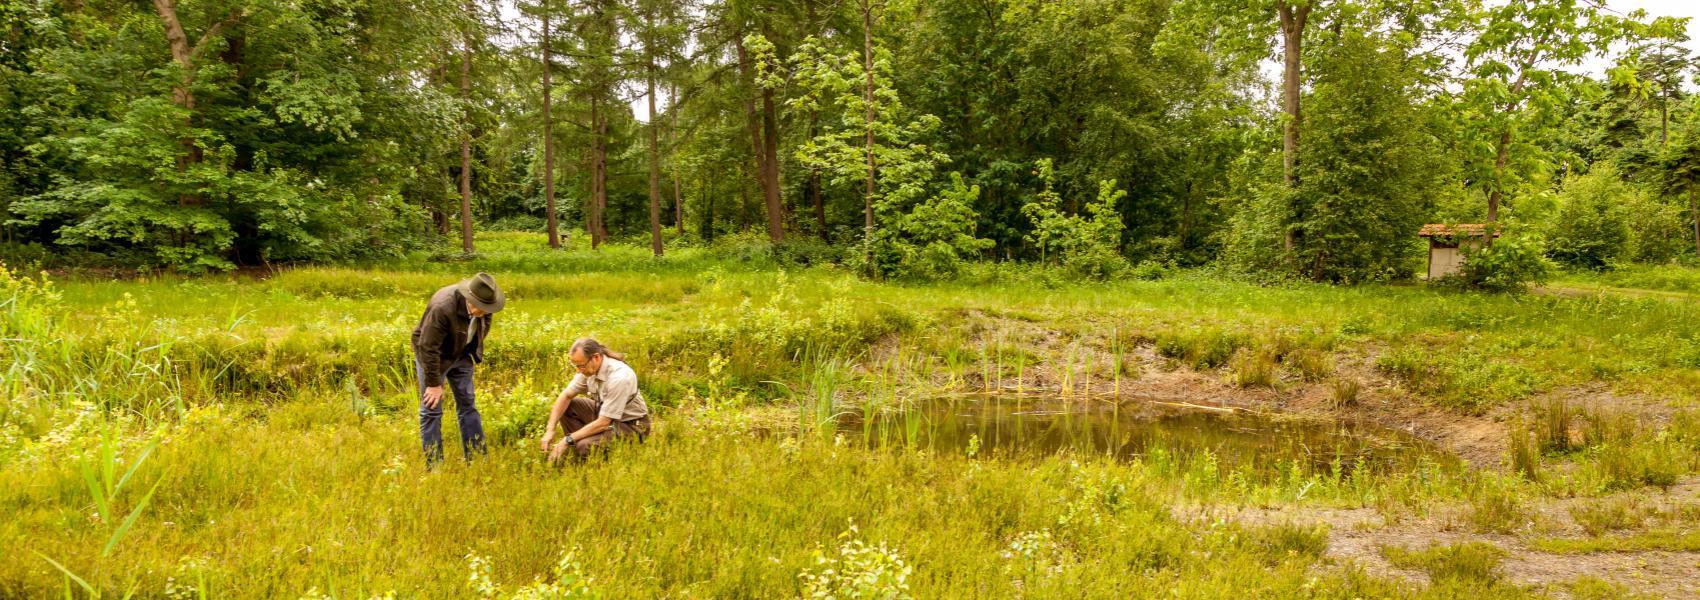 2 boswachters bestuderen samen planten